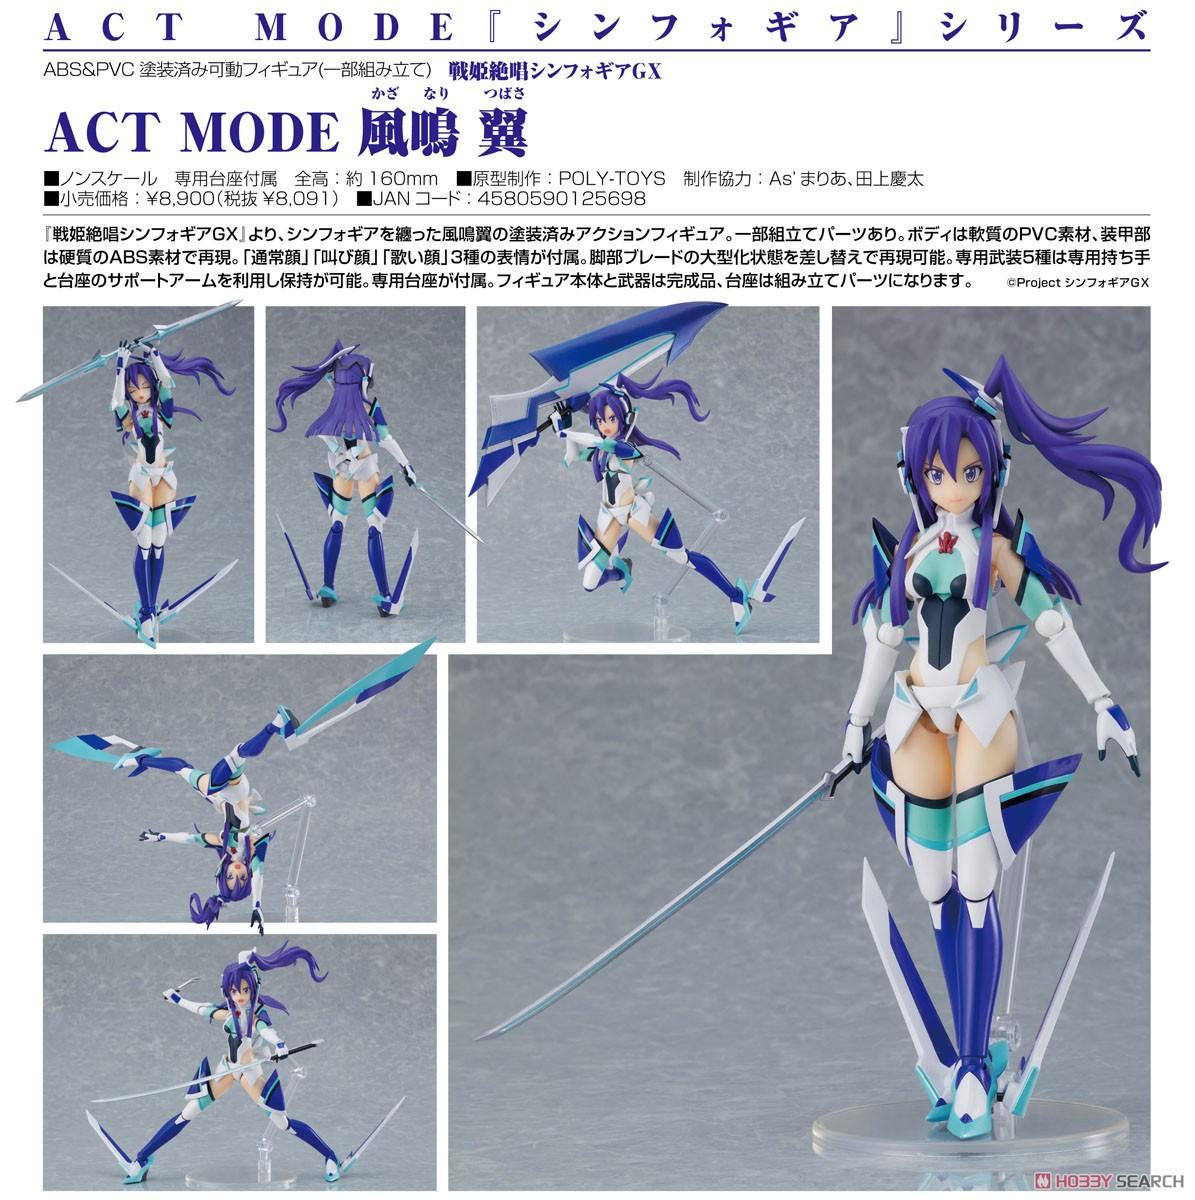 ACT MODE『風鳴翼』戦姫絶唱シンフォギアGX 可動フィギュア-007